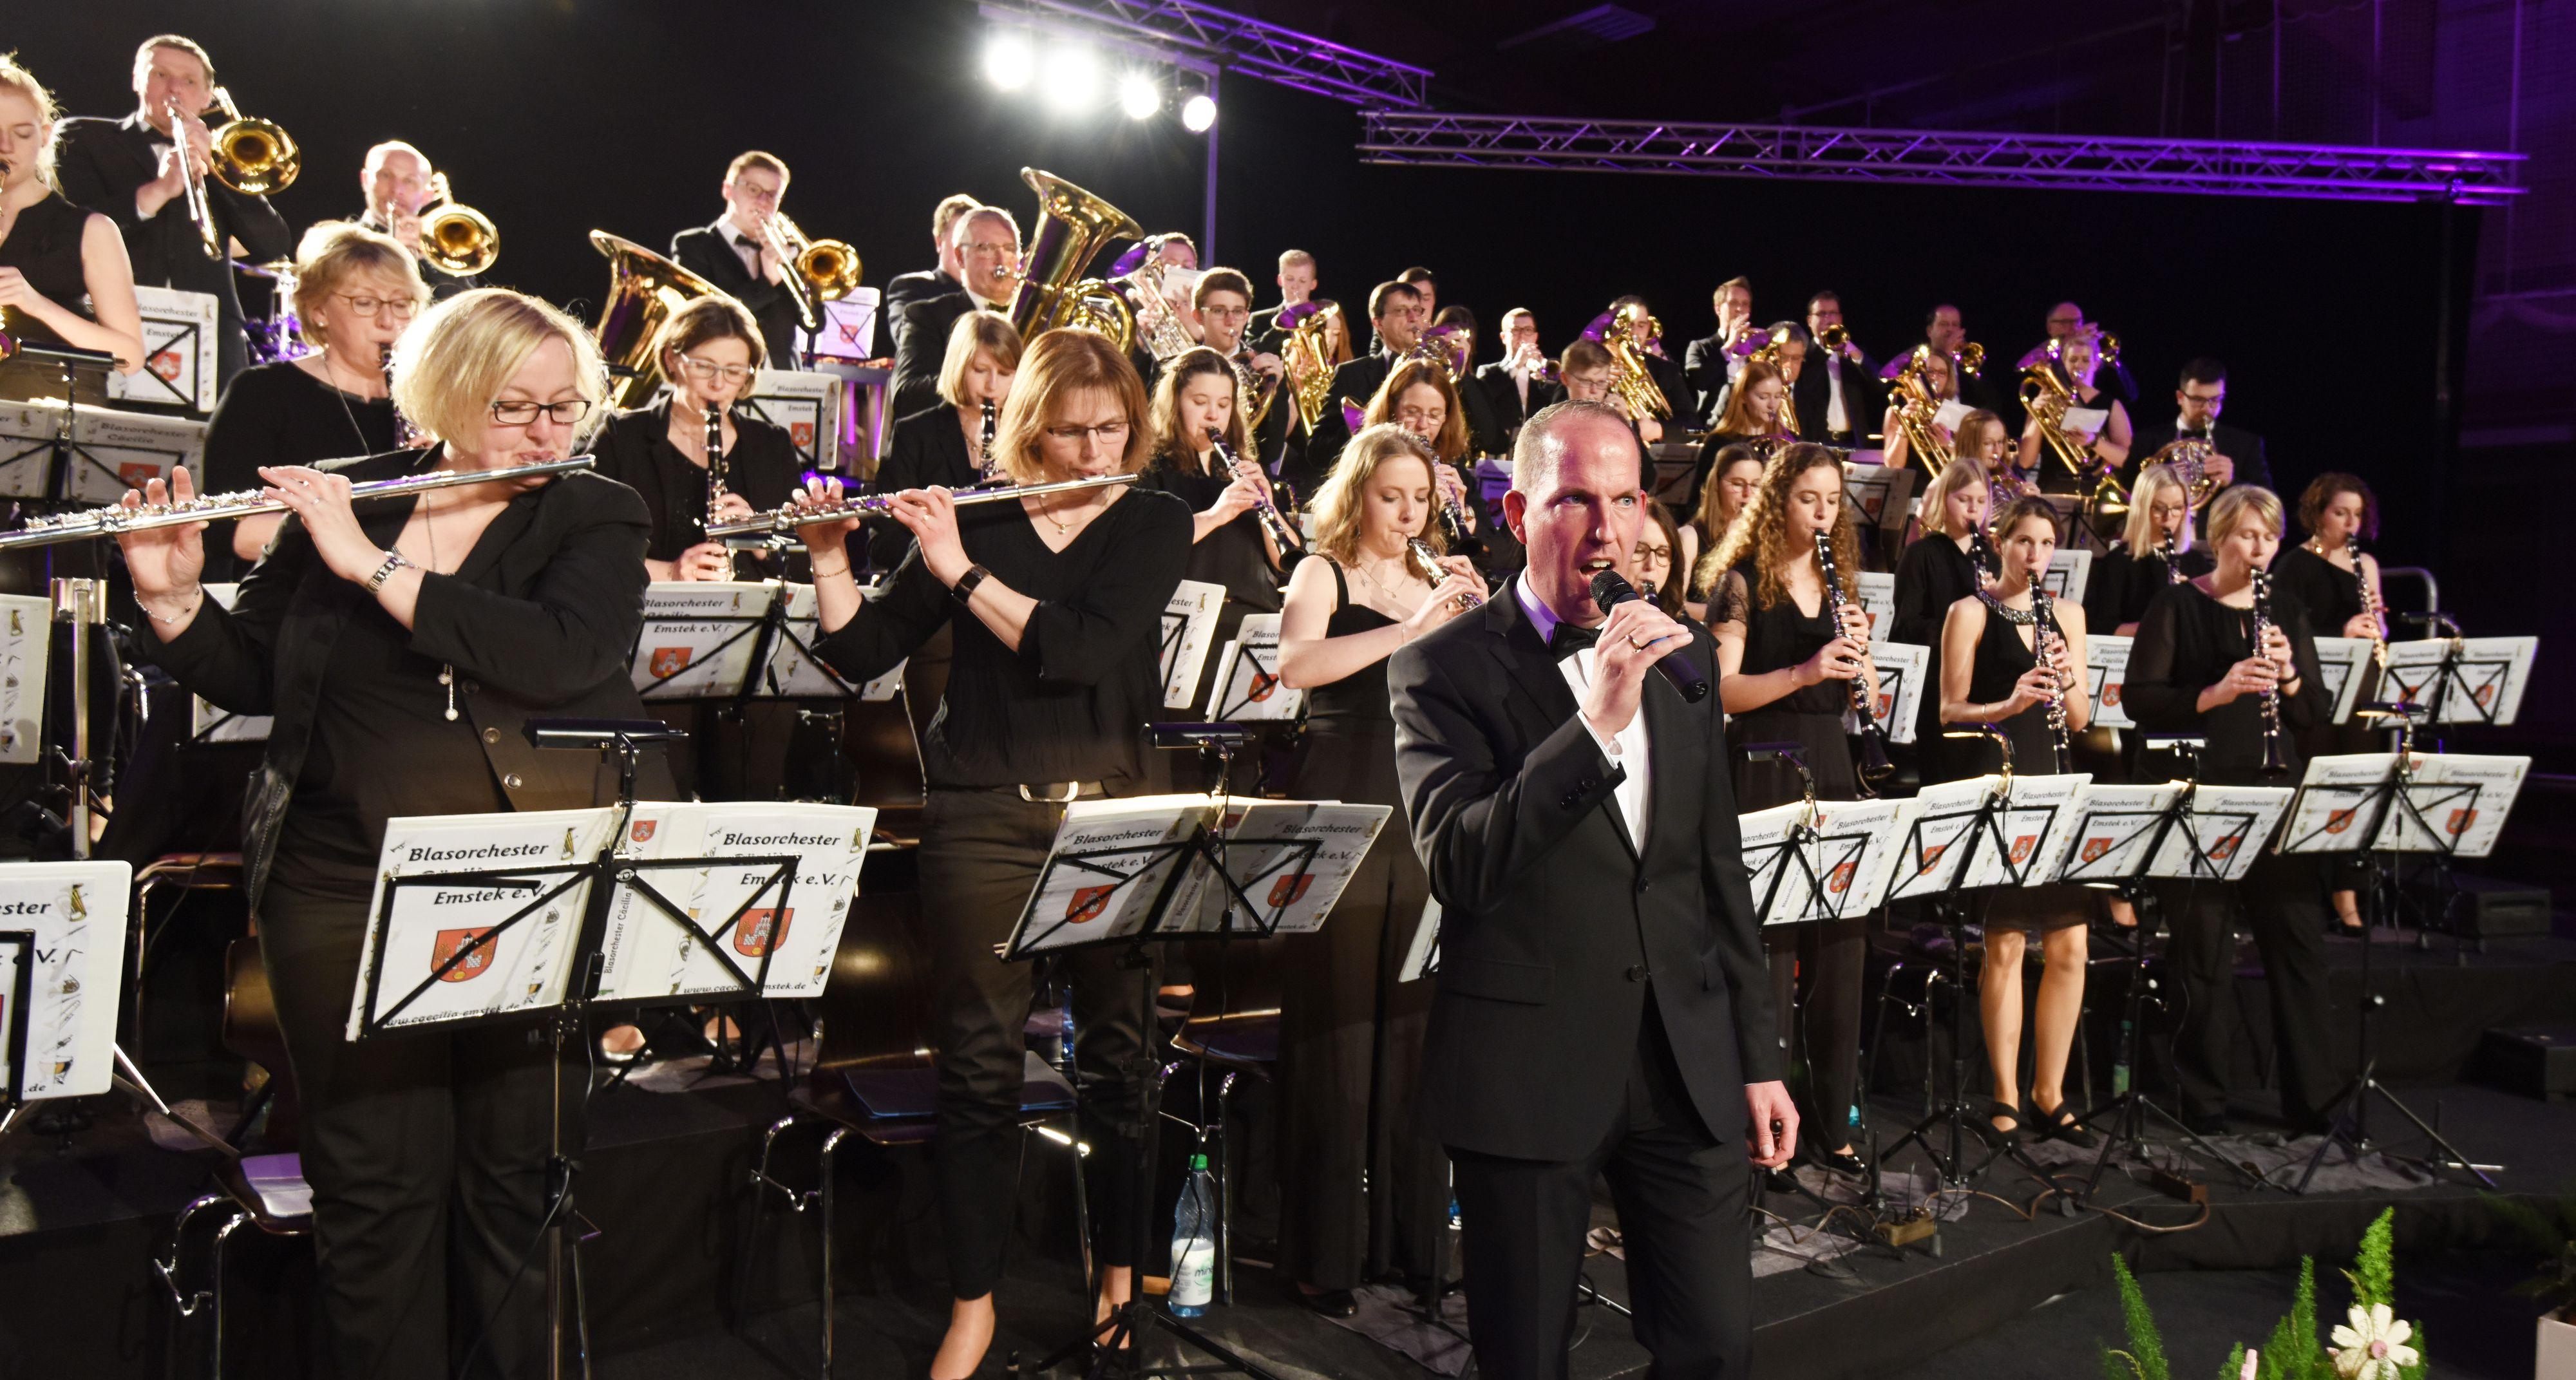 Großer Auftritt: Das Jahreskonzert des Blasorchesters Emstek fiel als eine der ersten Veranstaltungen im März wegen der Corona-Pandemie aus. Entsprechend gab es auch keine Einnahmen. Archivfoto: Thomas Vorwerk